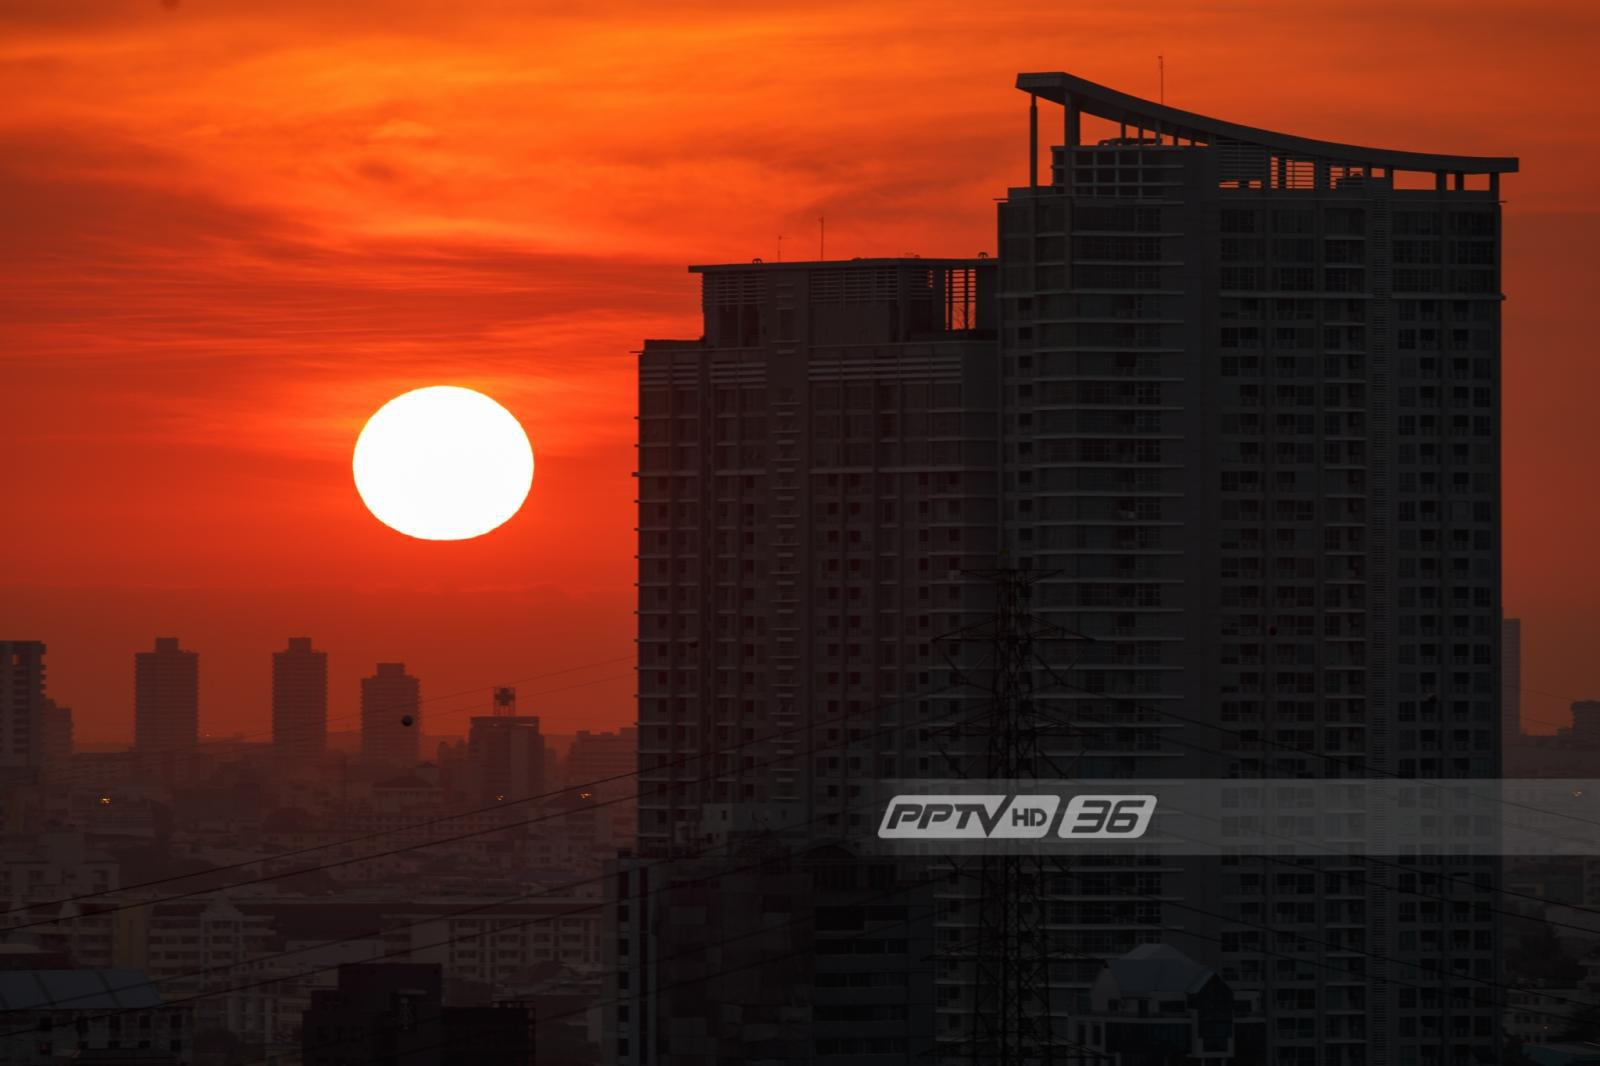 กรมอุตุเผยฯ ประทศไทยตอนบนมีอากาศร้อนจัด